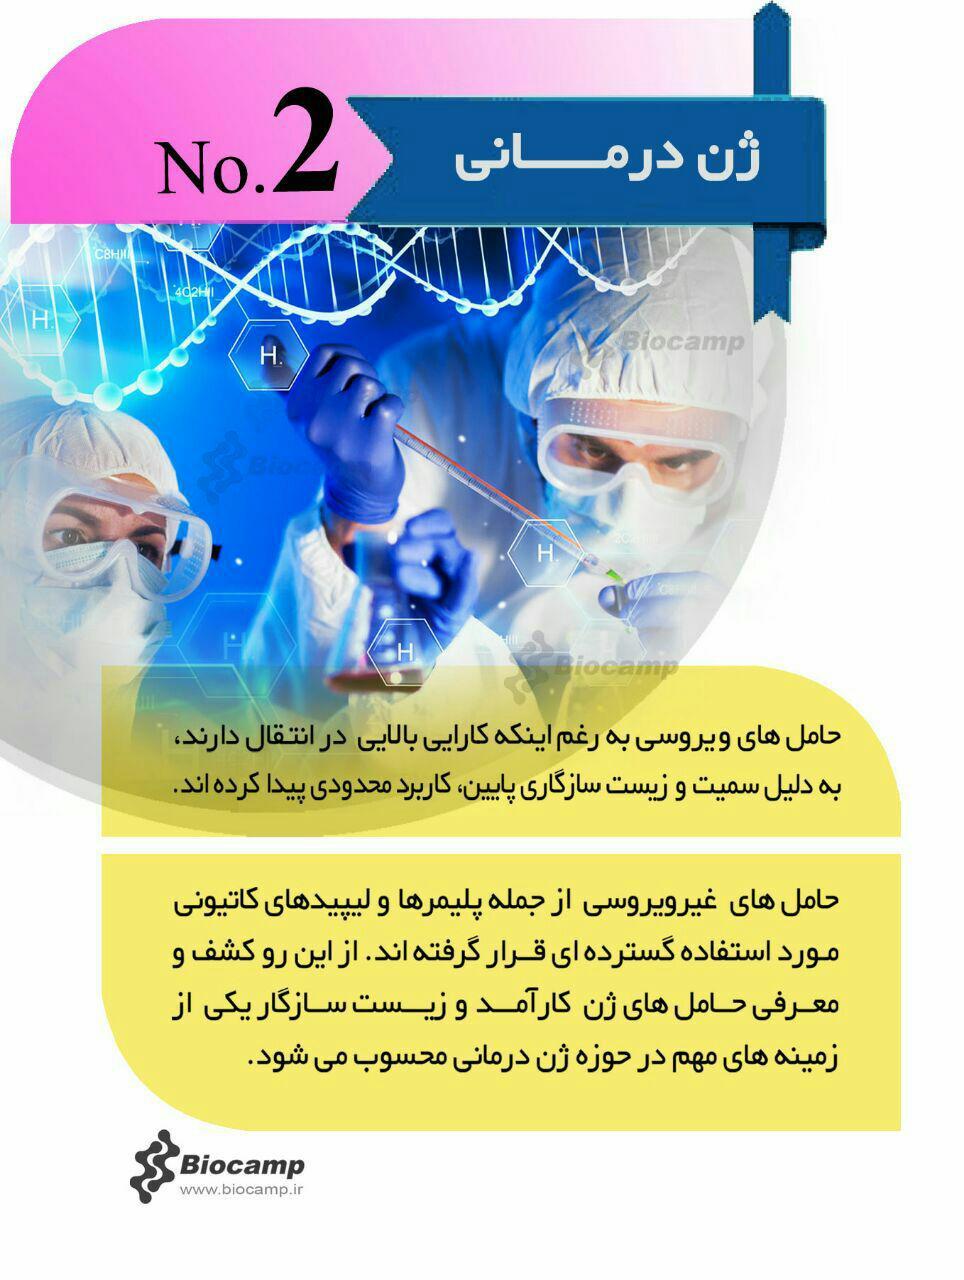 ژن درمانی ژن درمانی چیست؟ - اینفوگرافی ژن درمانی چیست؟ – اینفوگرافی photo 2016 09 01 18 12 08